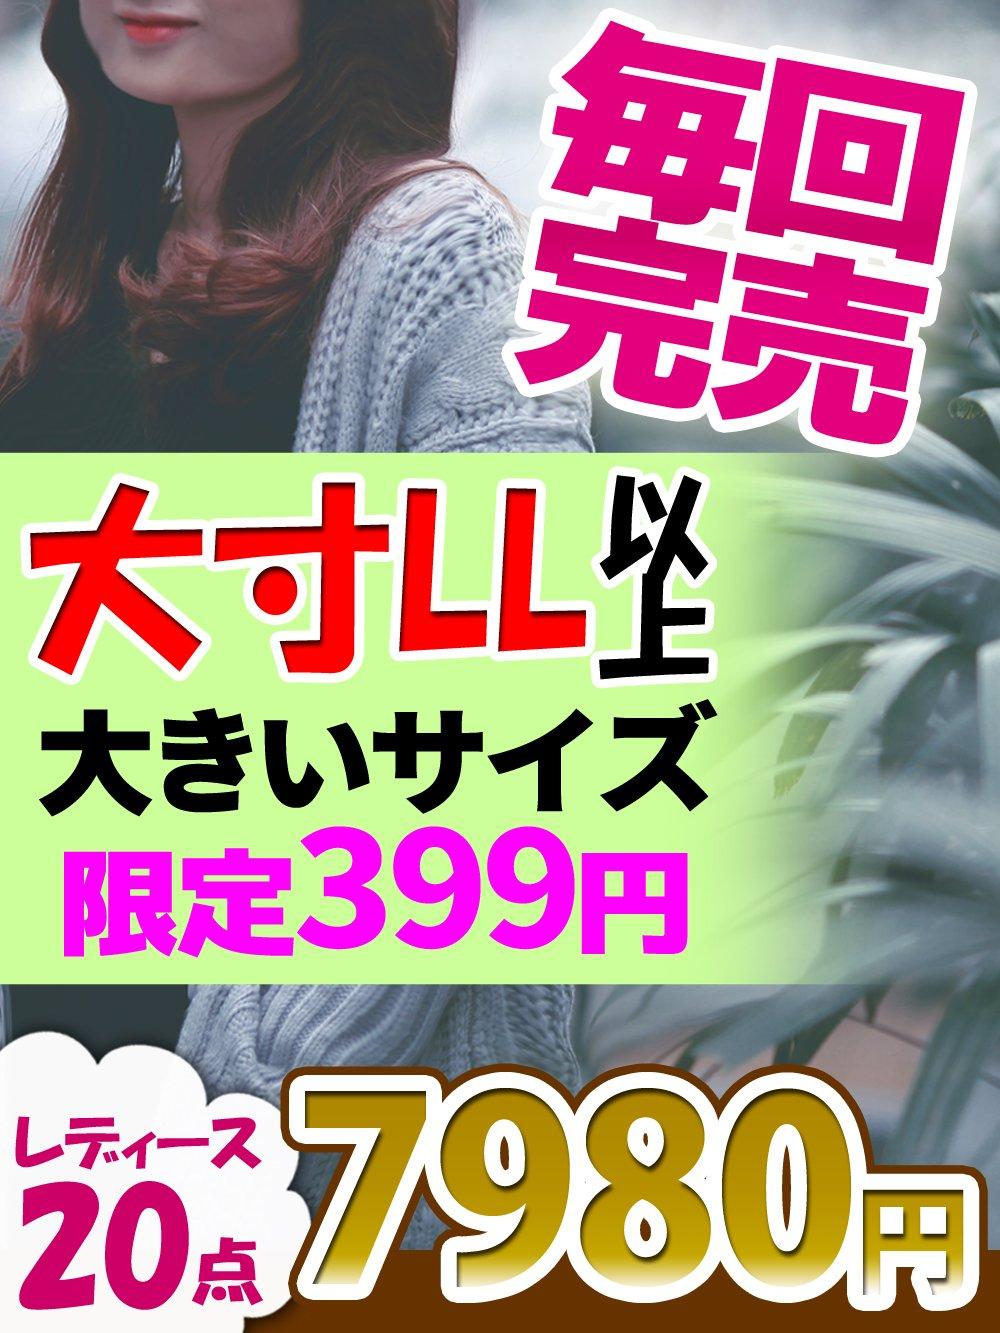 【大寸LL以上待望再入荷】売れ筋ブランドアラカルト!【10点】限定20セット@399